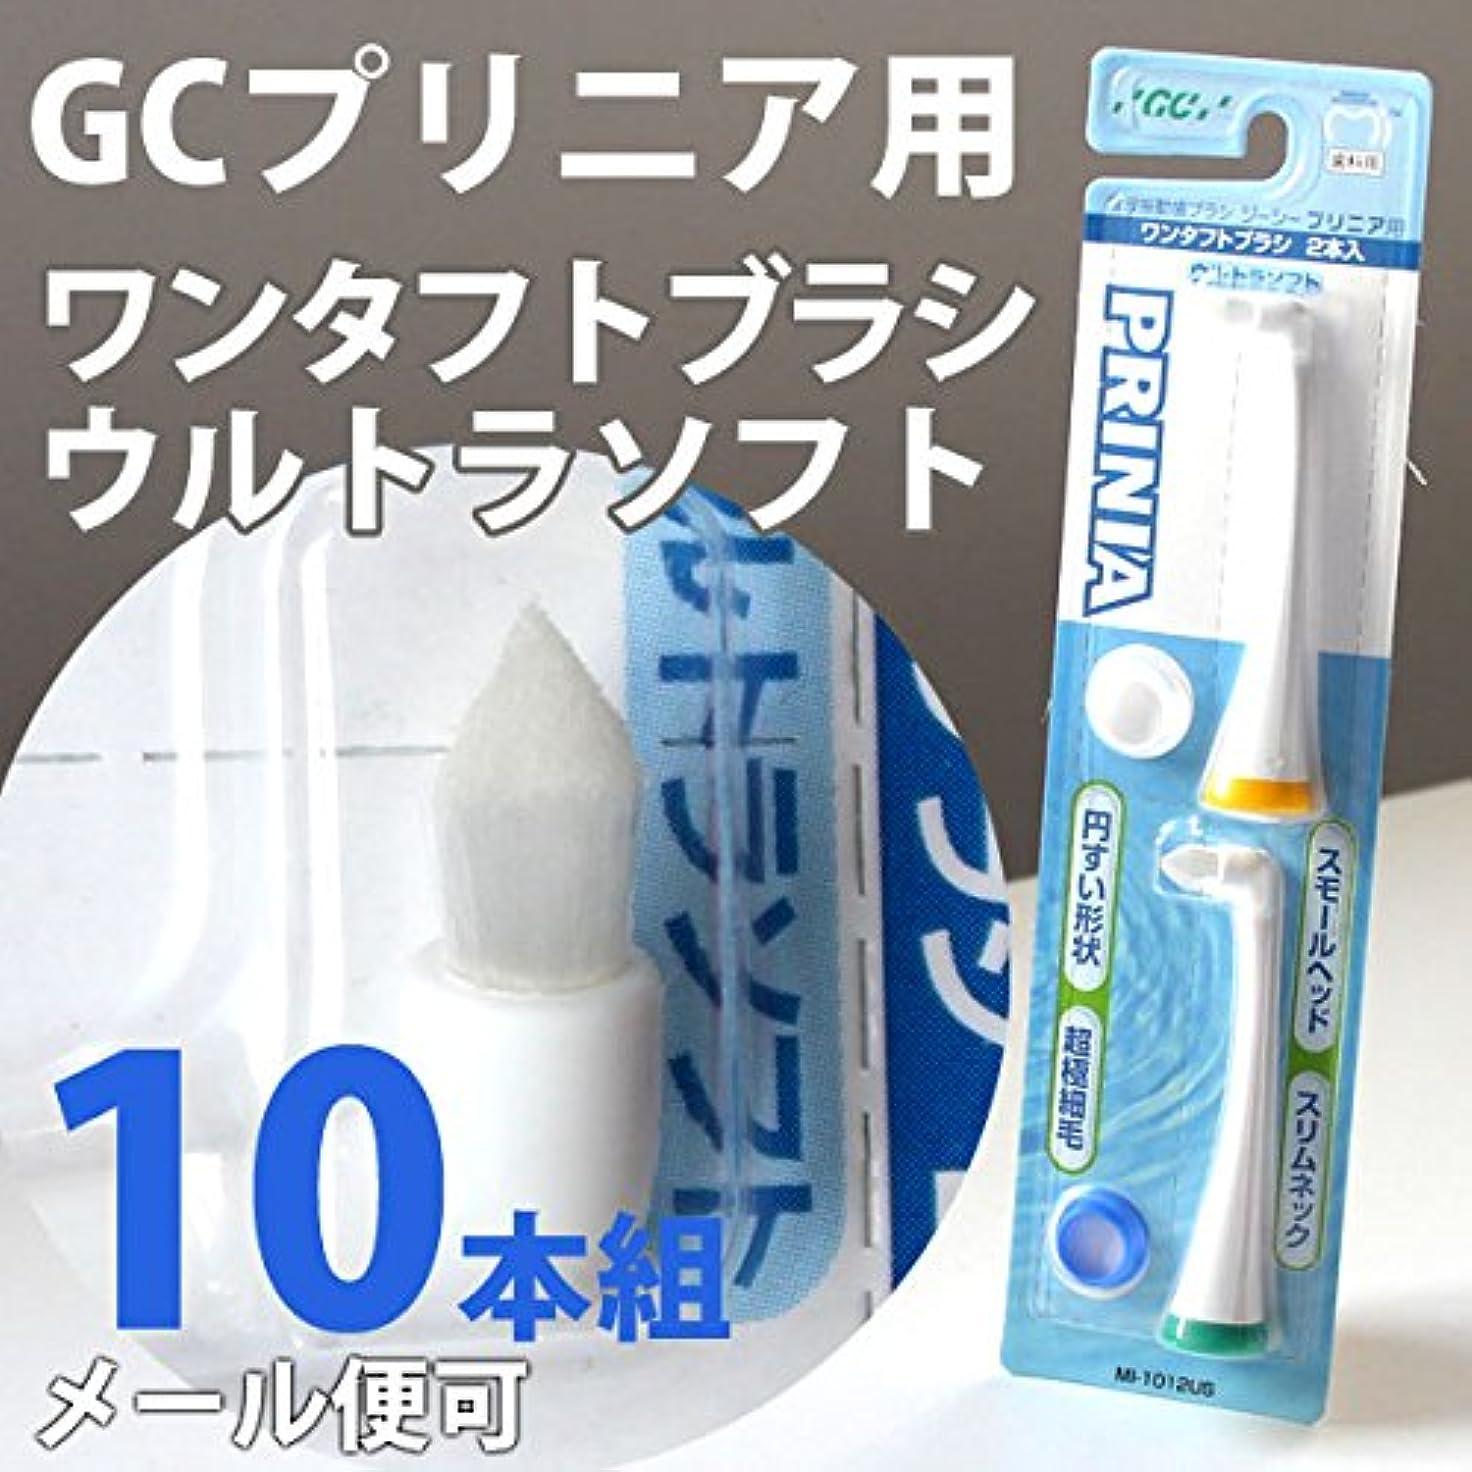 憤る入浴期限切れプリニア ワンタフト GC 音波振動 歯ブラシ プリニアスリム ブラシ 替えブラシ (ウルトラソフト)5セット (10本)